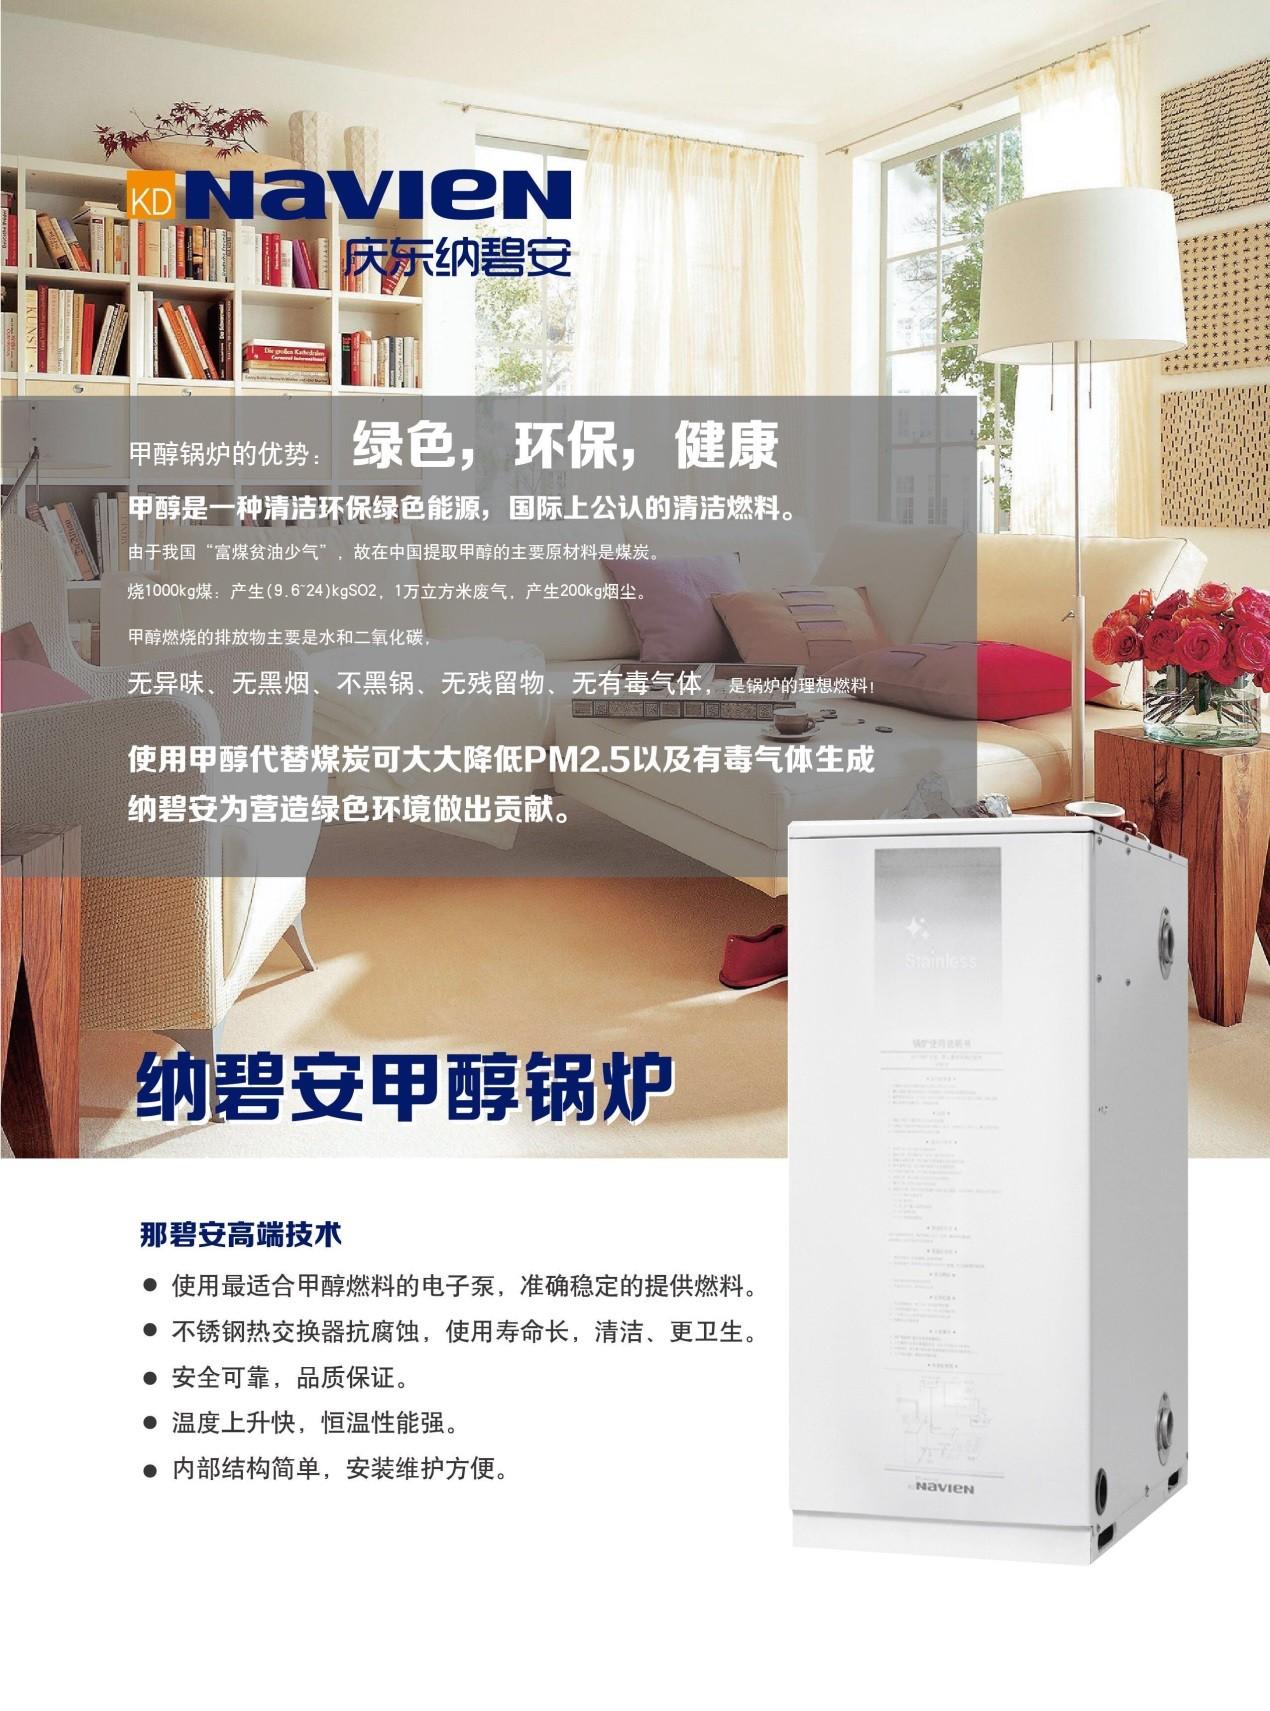 庆东纳碧安:以自研能力凸显品牌优势v1.2